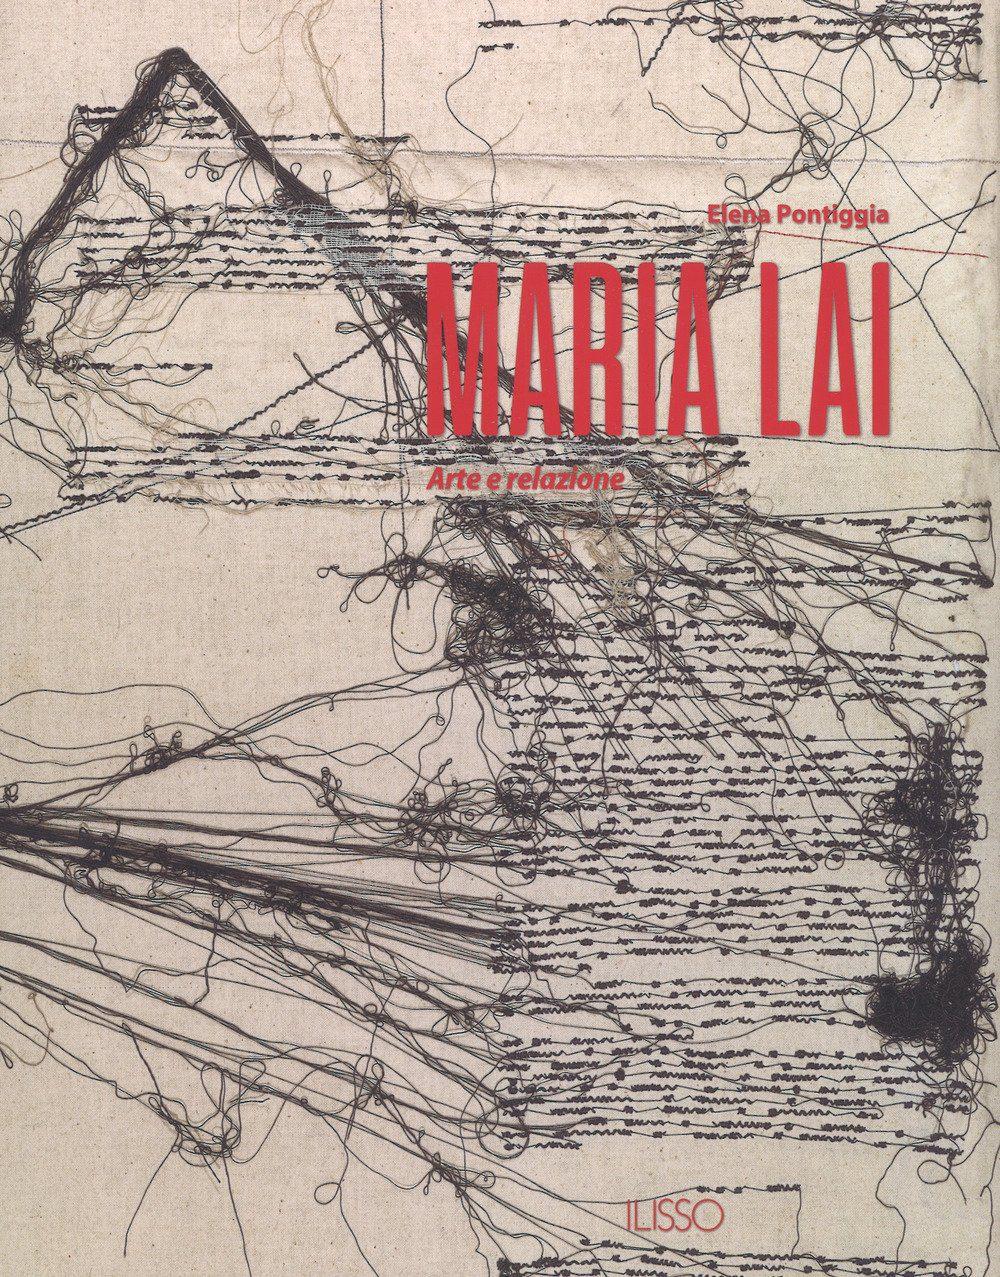 Libro Maria Lai Arte e Relazione